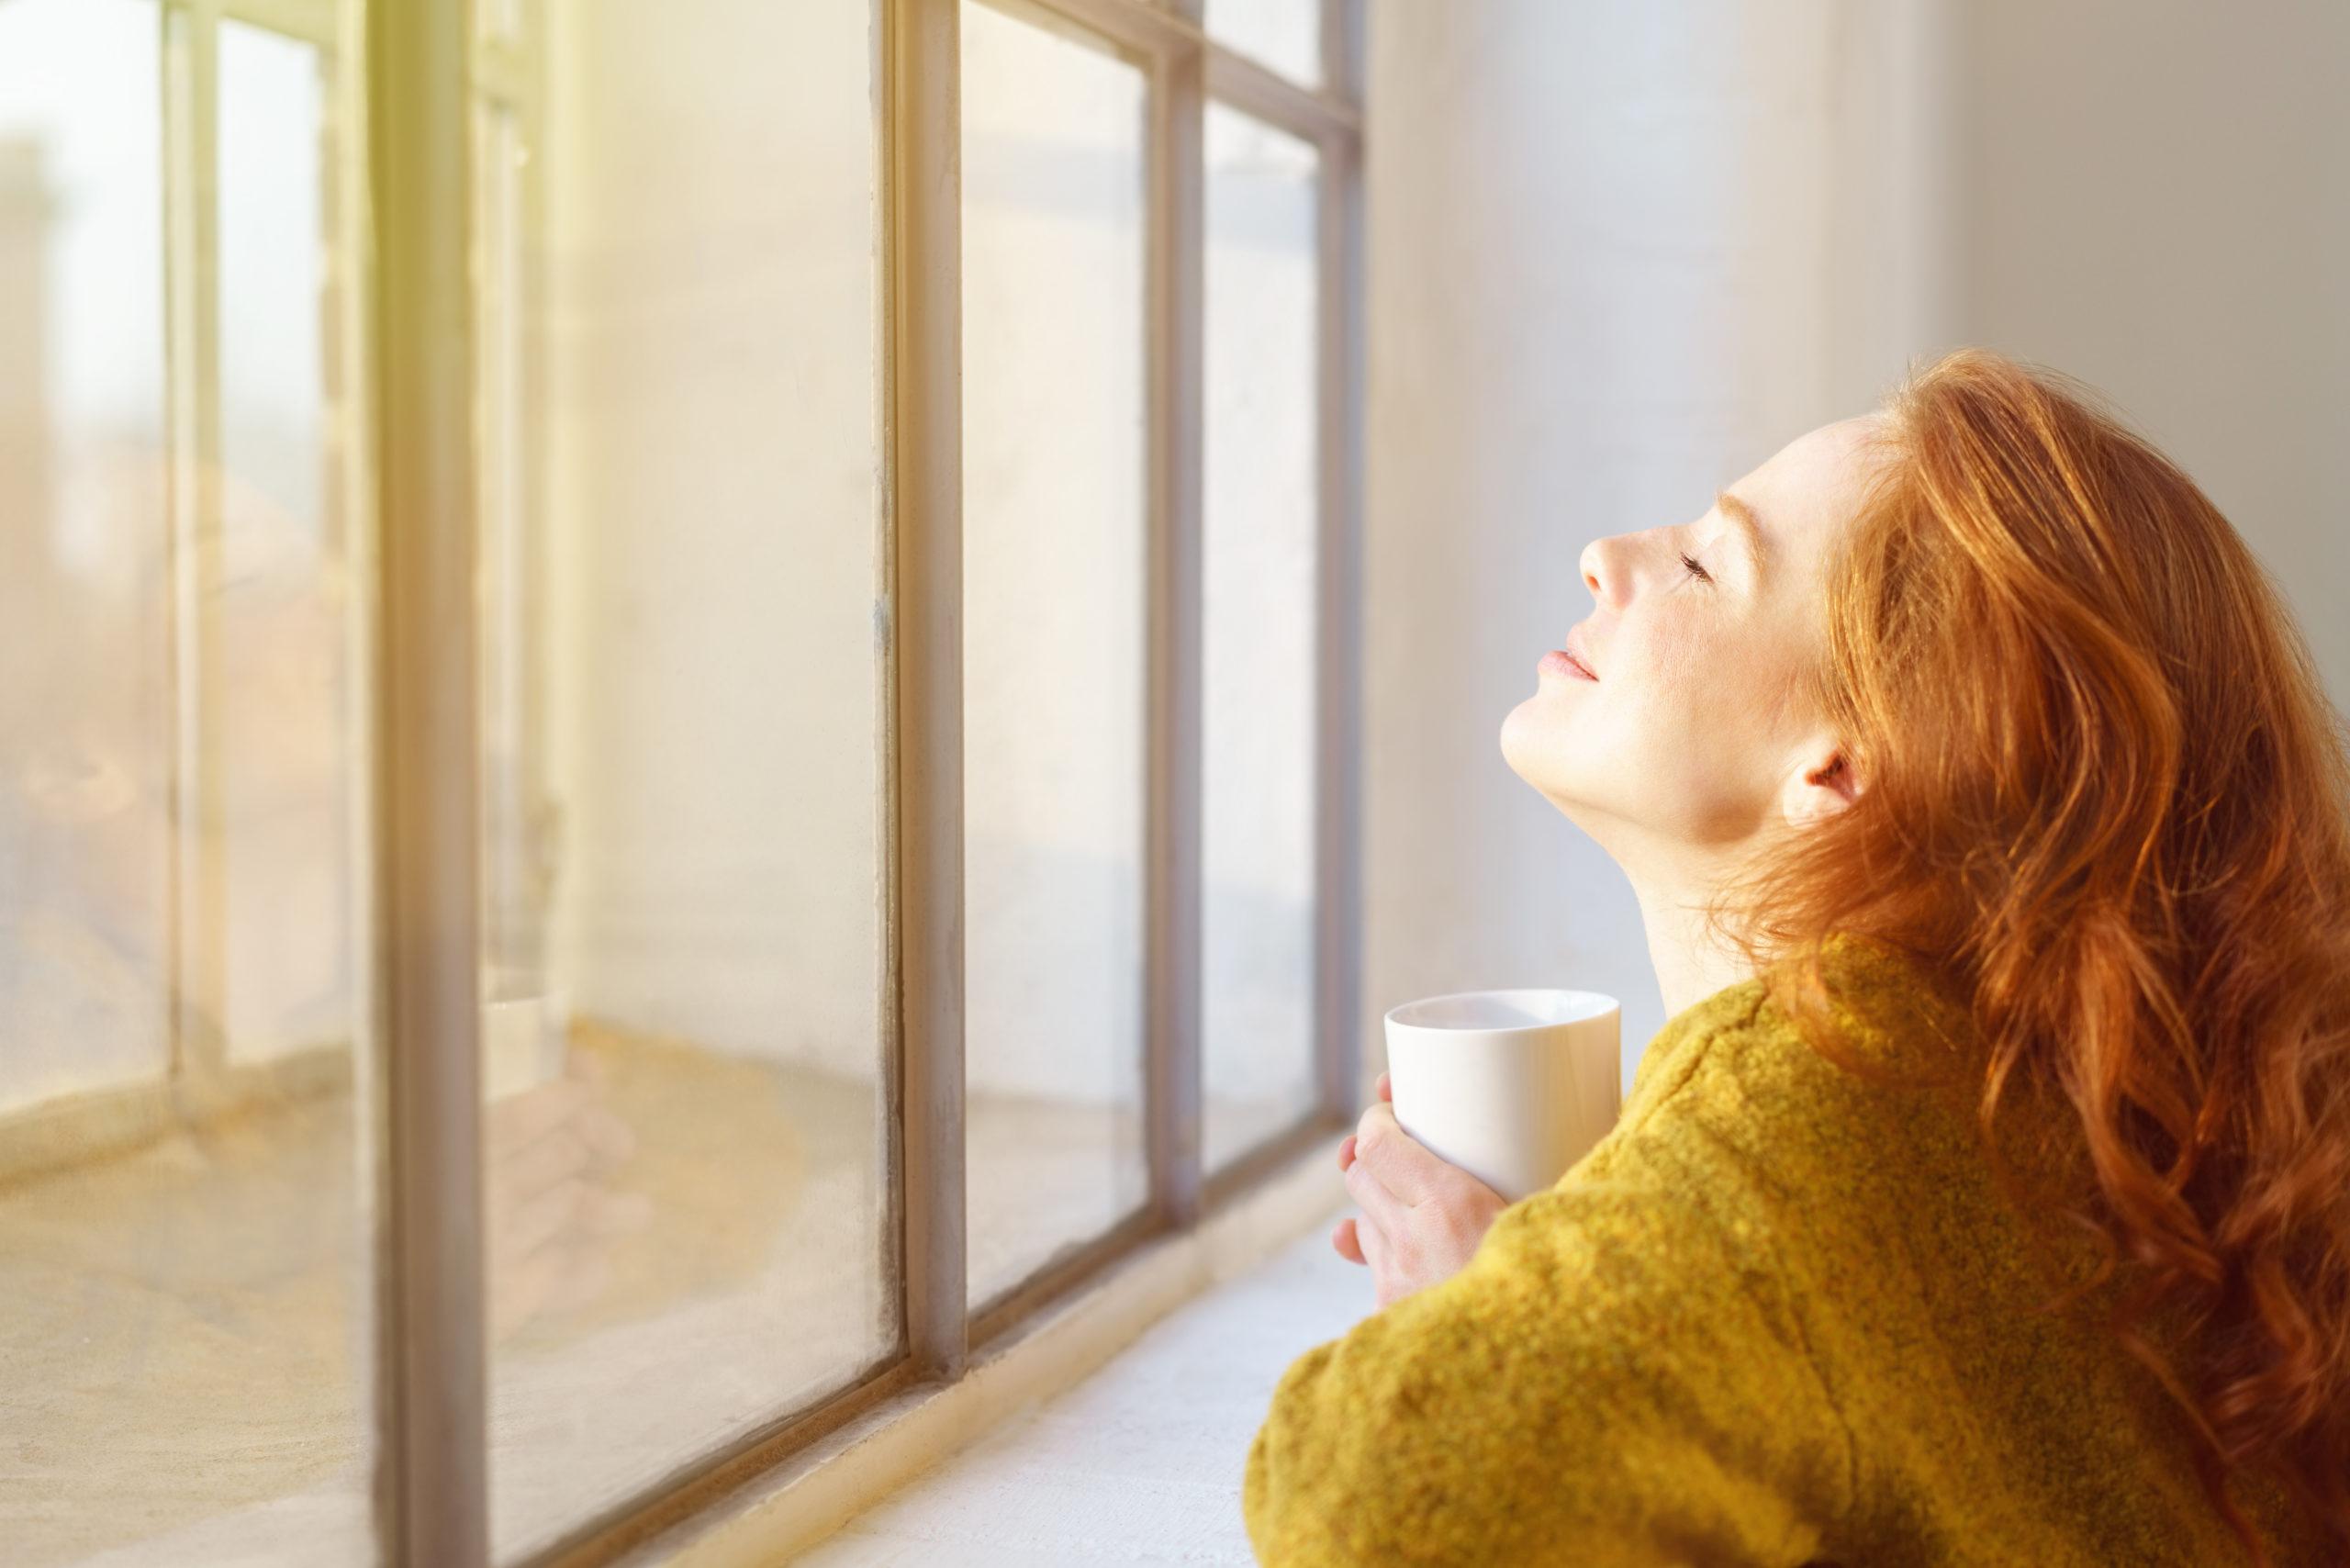 Eine Frau steht mit geschlossenen Augen vor einem Fenster, hat den Kopf in den Nacken gelegt und lächelt zufrieden. (freiwillige Quarantäne)